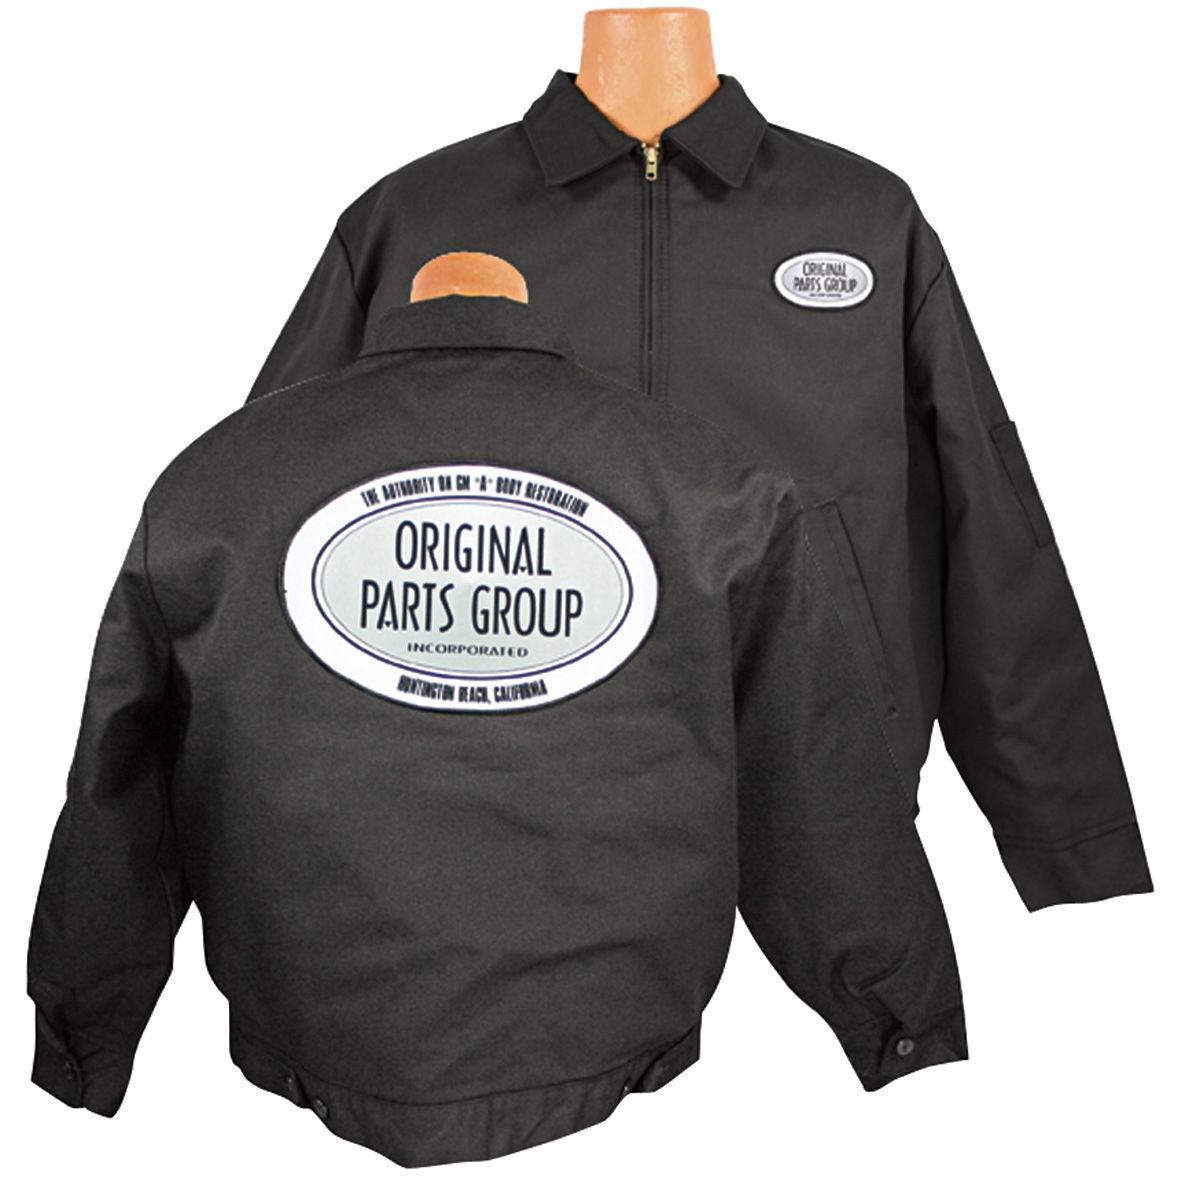 original parts group jacket long. Black Bedroom Furniture Sets. Home Design Ideas